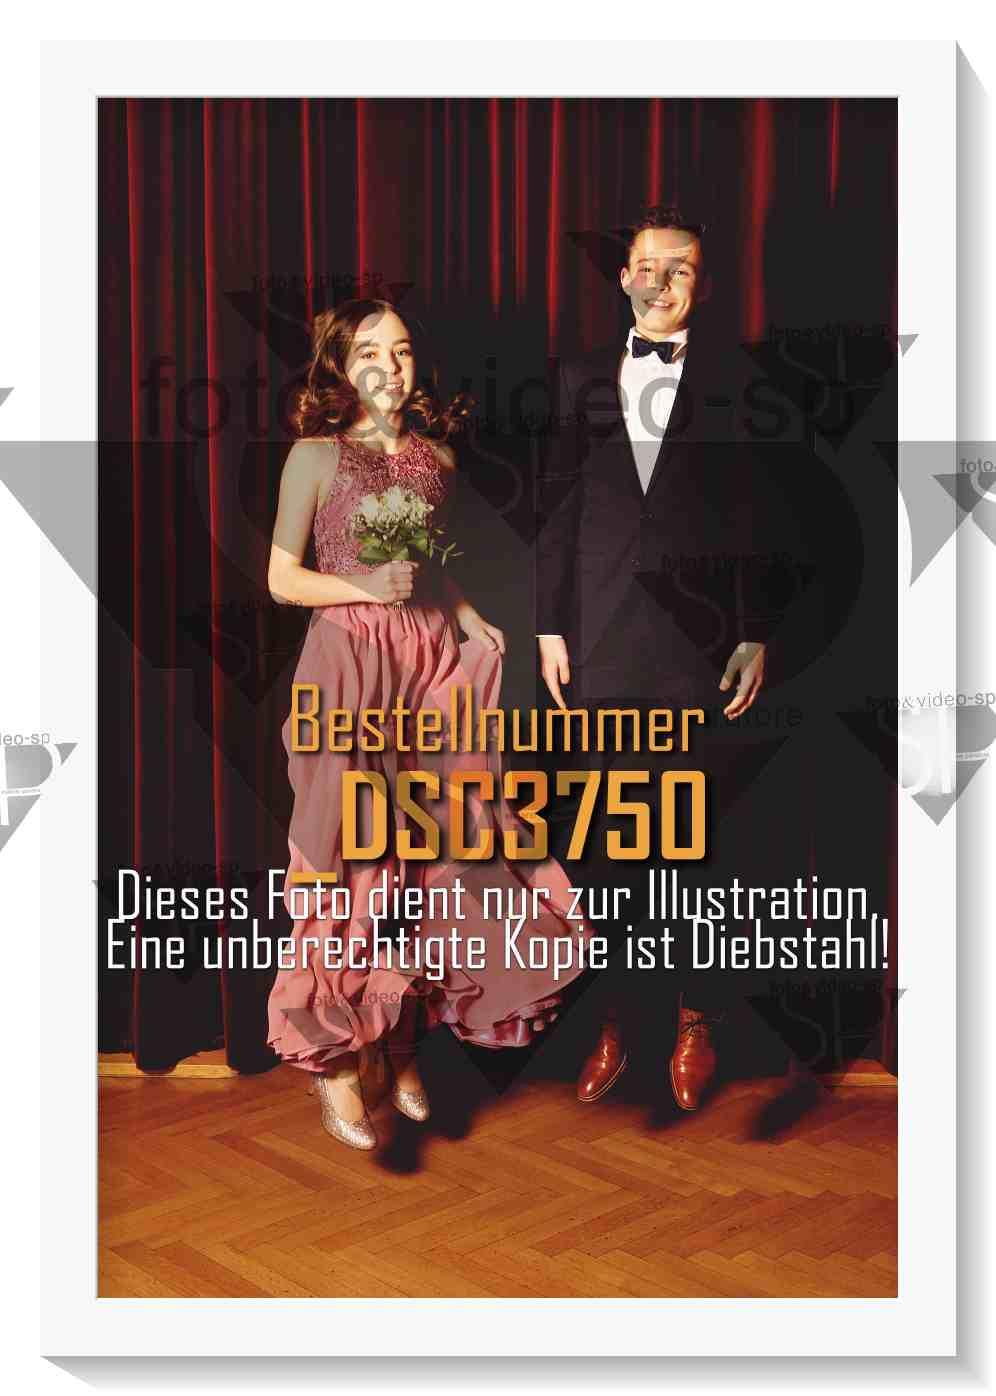 DSC3750